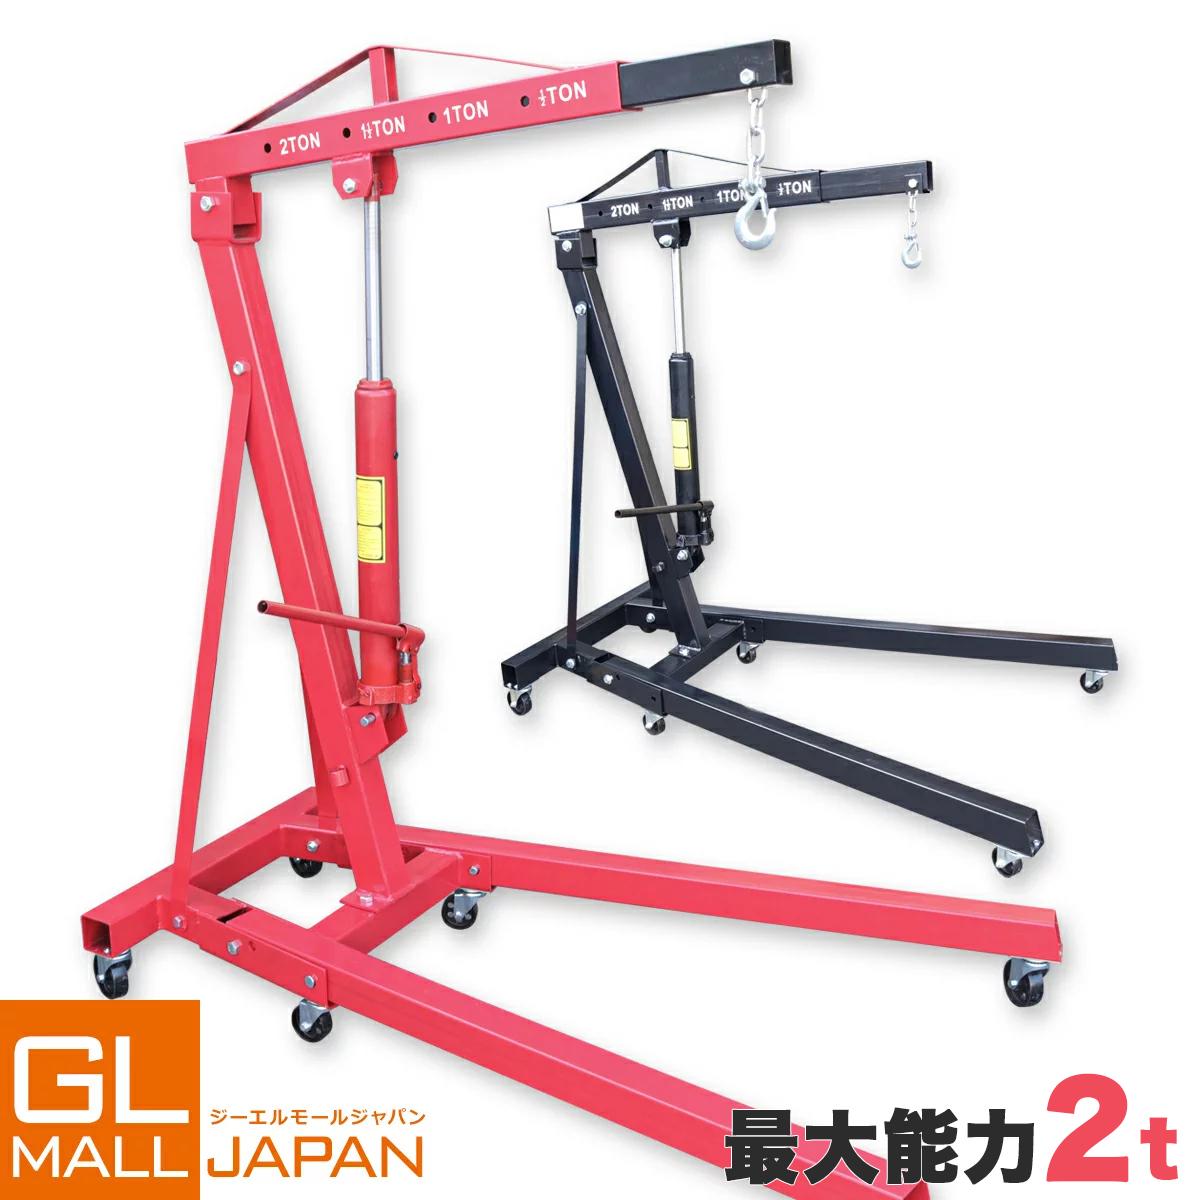 エンジンクレーン 2t 手動油圧式 折畳み式 カラー選択(赤/黒) / アーム4段階調節 吊り上げ 吊り下げ